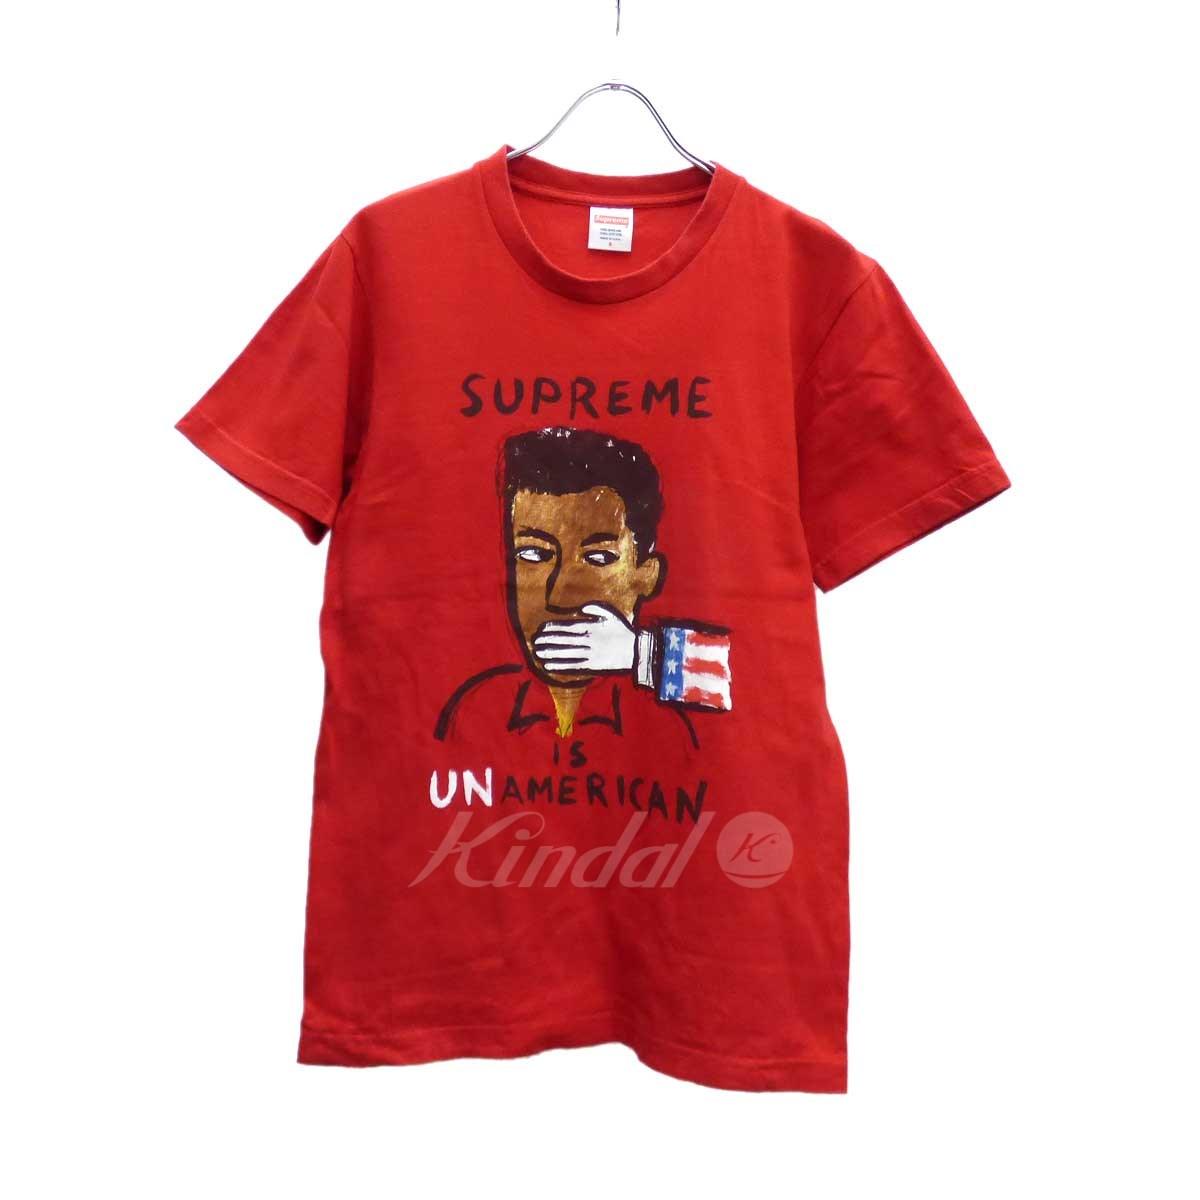 【中古】SUPREME Un American Tee 半袖Tシャツ レッド サイズ:S 【送料無料】 【221018】(シュプリーム)